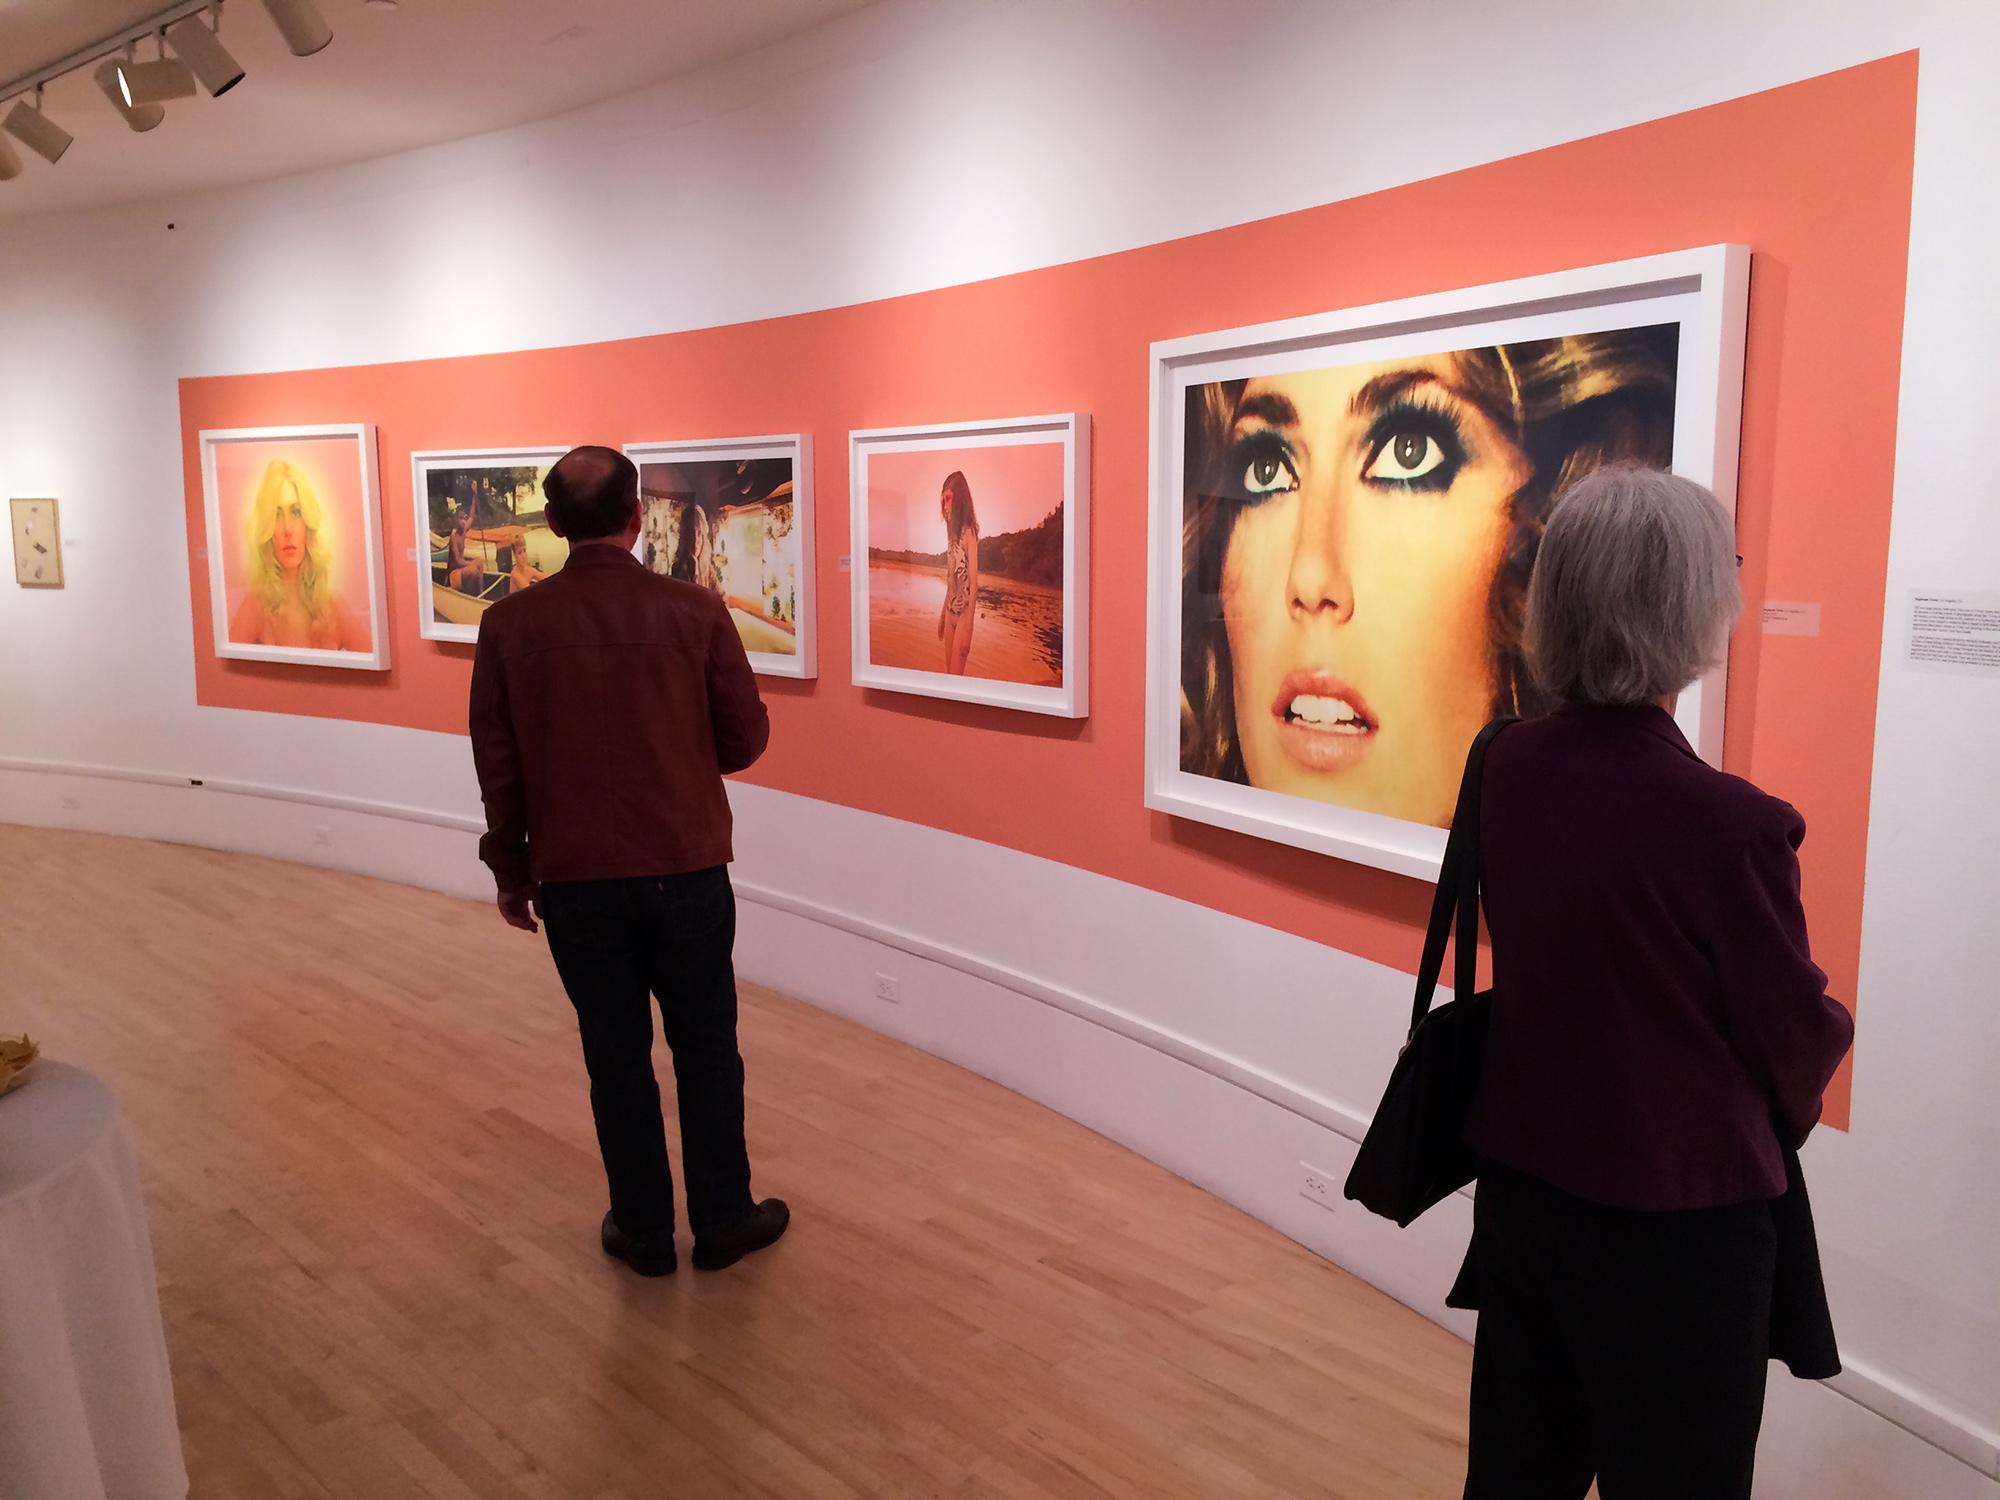 Bedford Gallery, Jealous Curator Show, Walnut Creek, CA